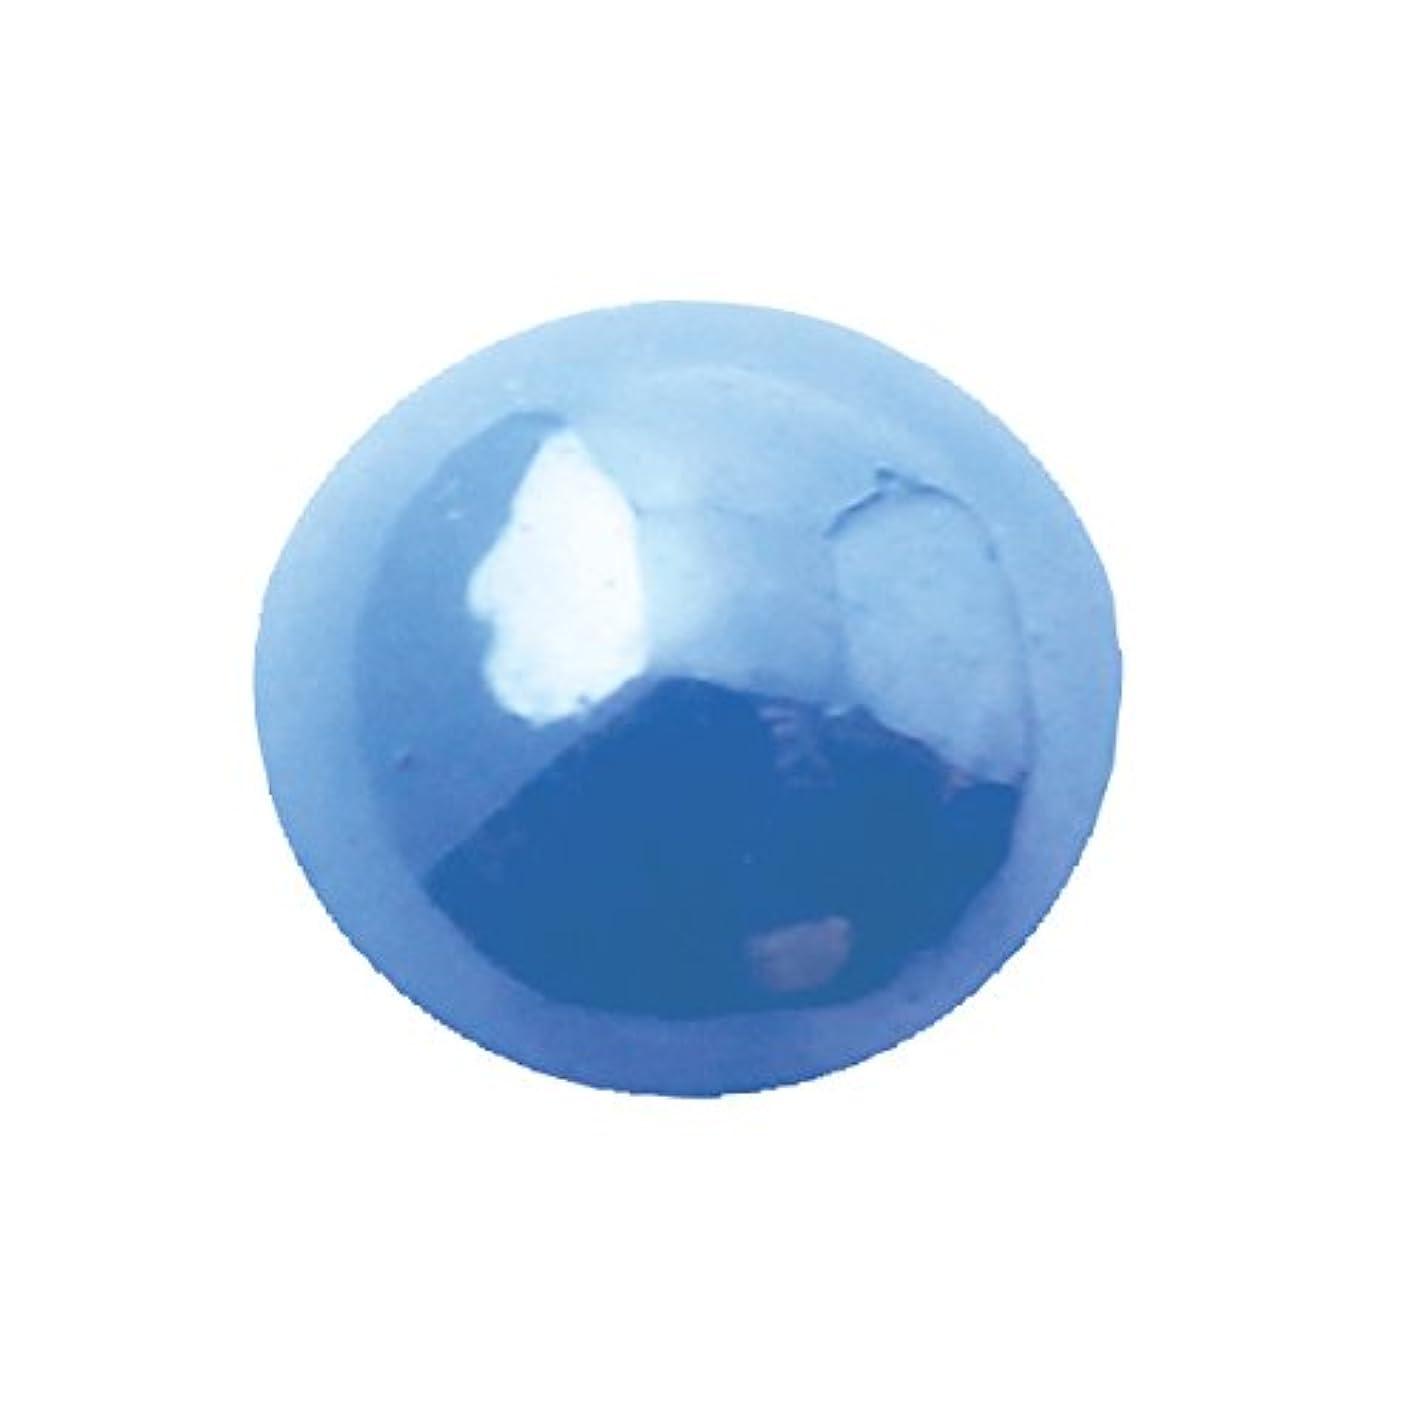 原点蜜満たすグラスパールラウンド 5mm(各30個) ブルー